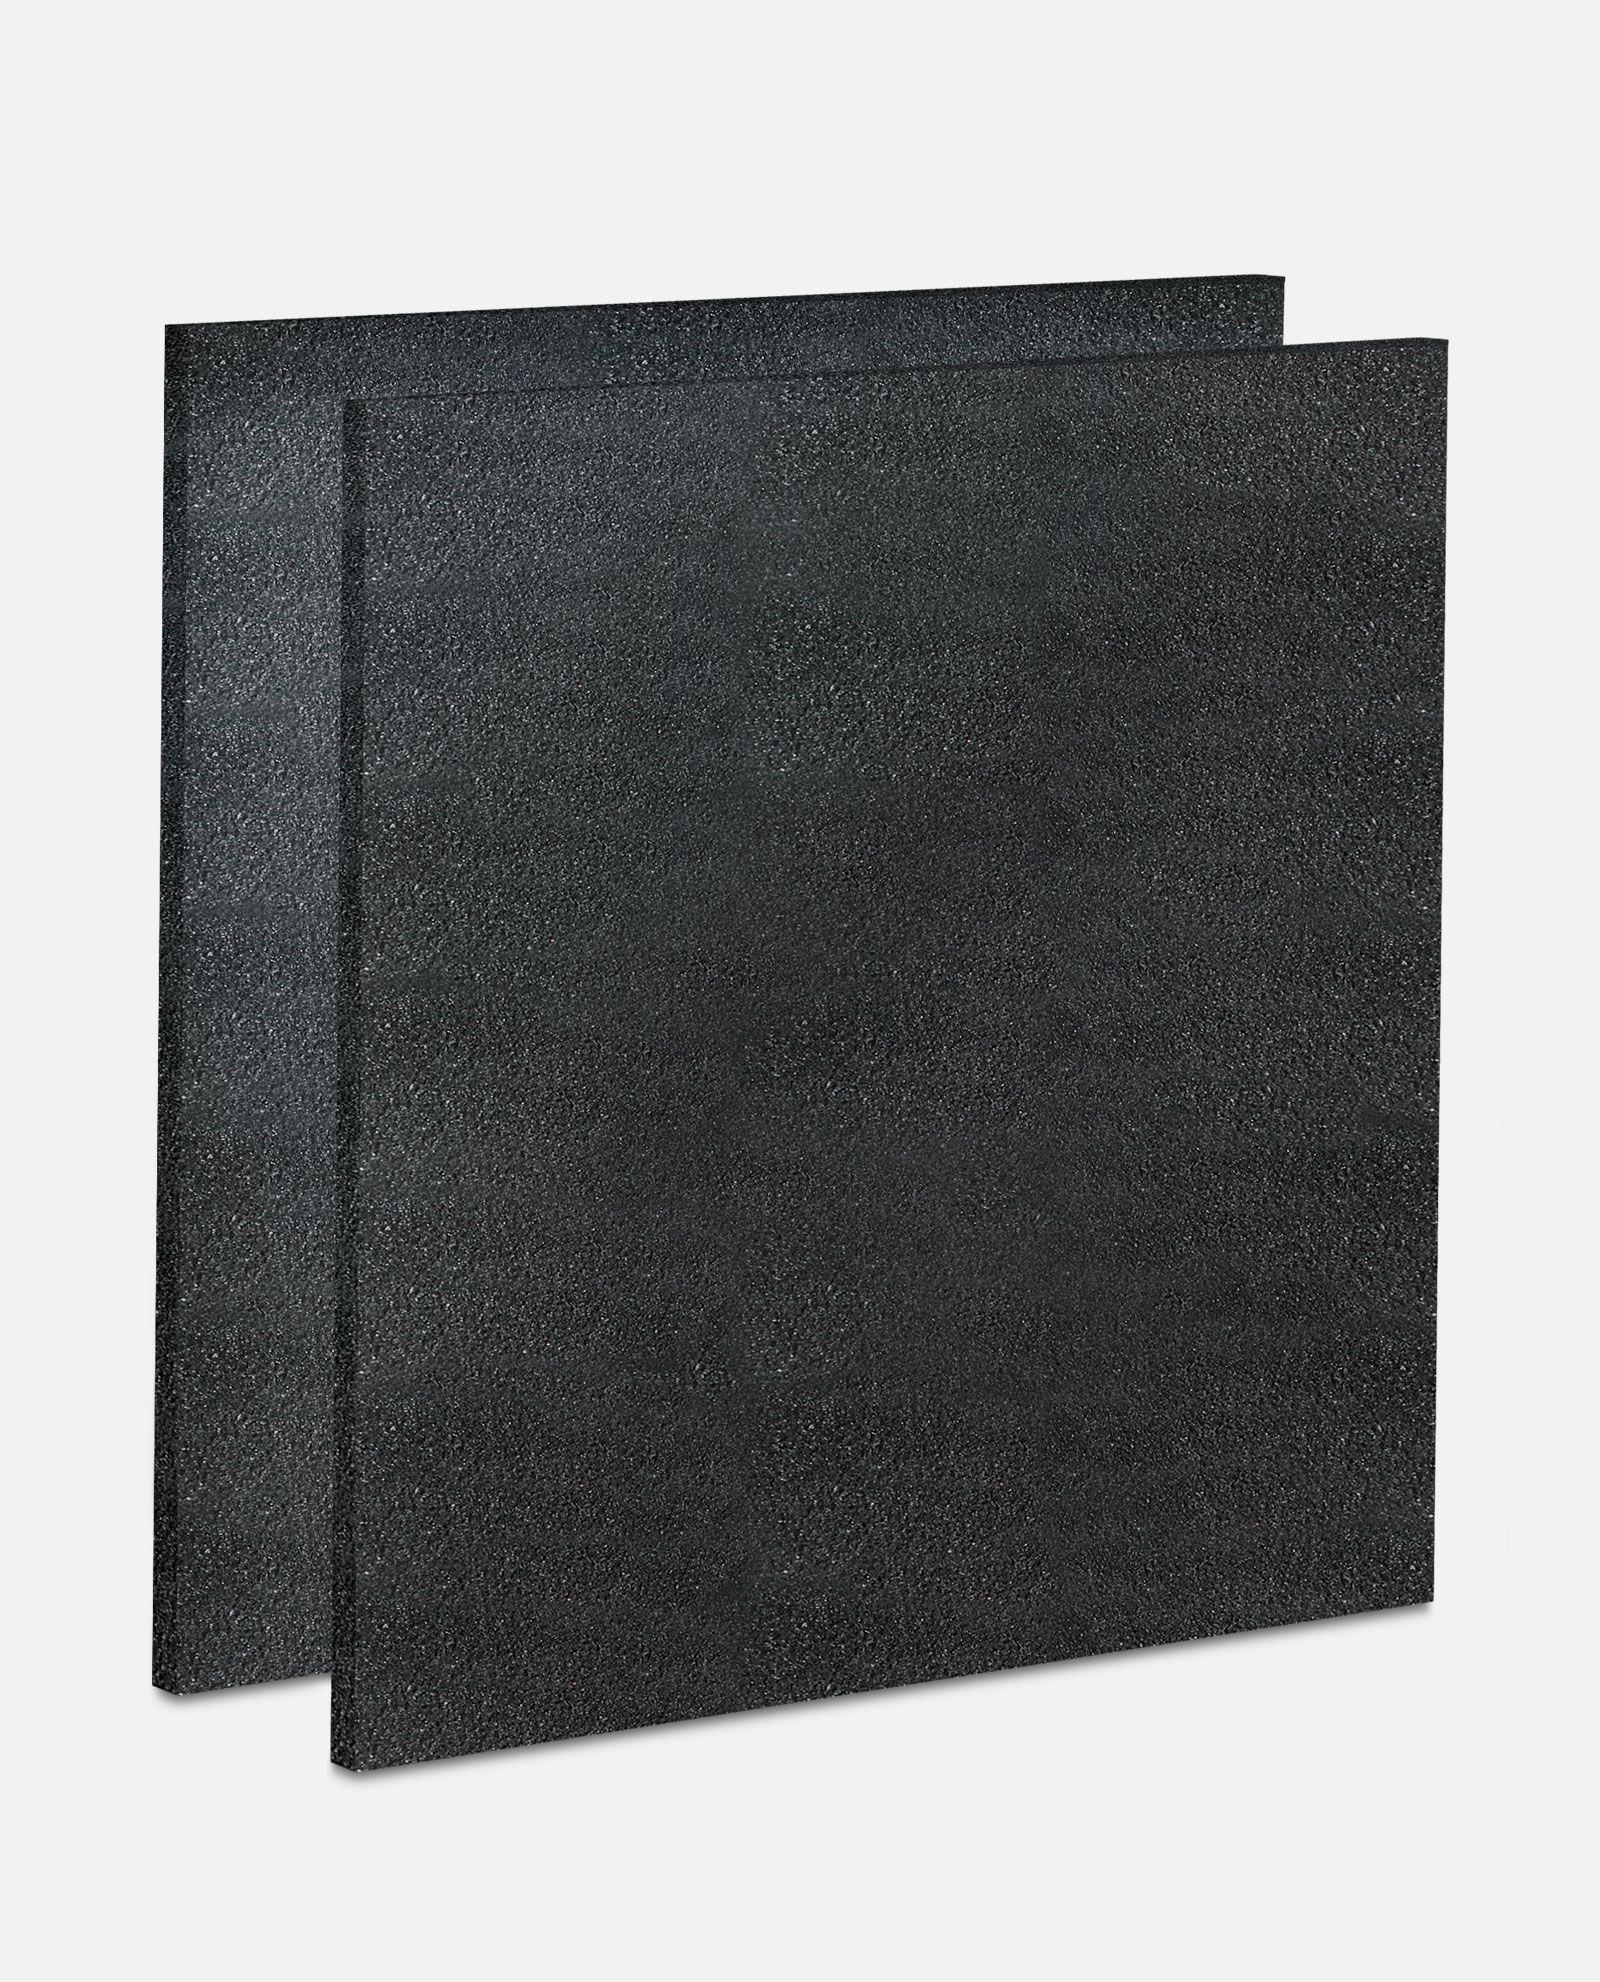 Md1 0023 Activated Carbon Filter 2 Pack Vornado